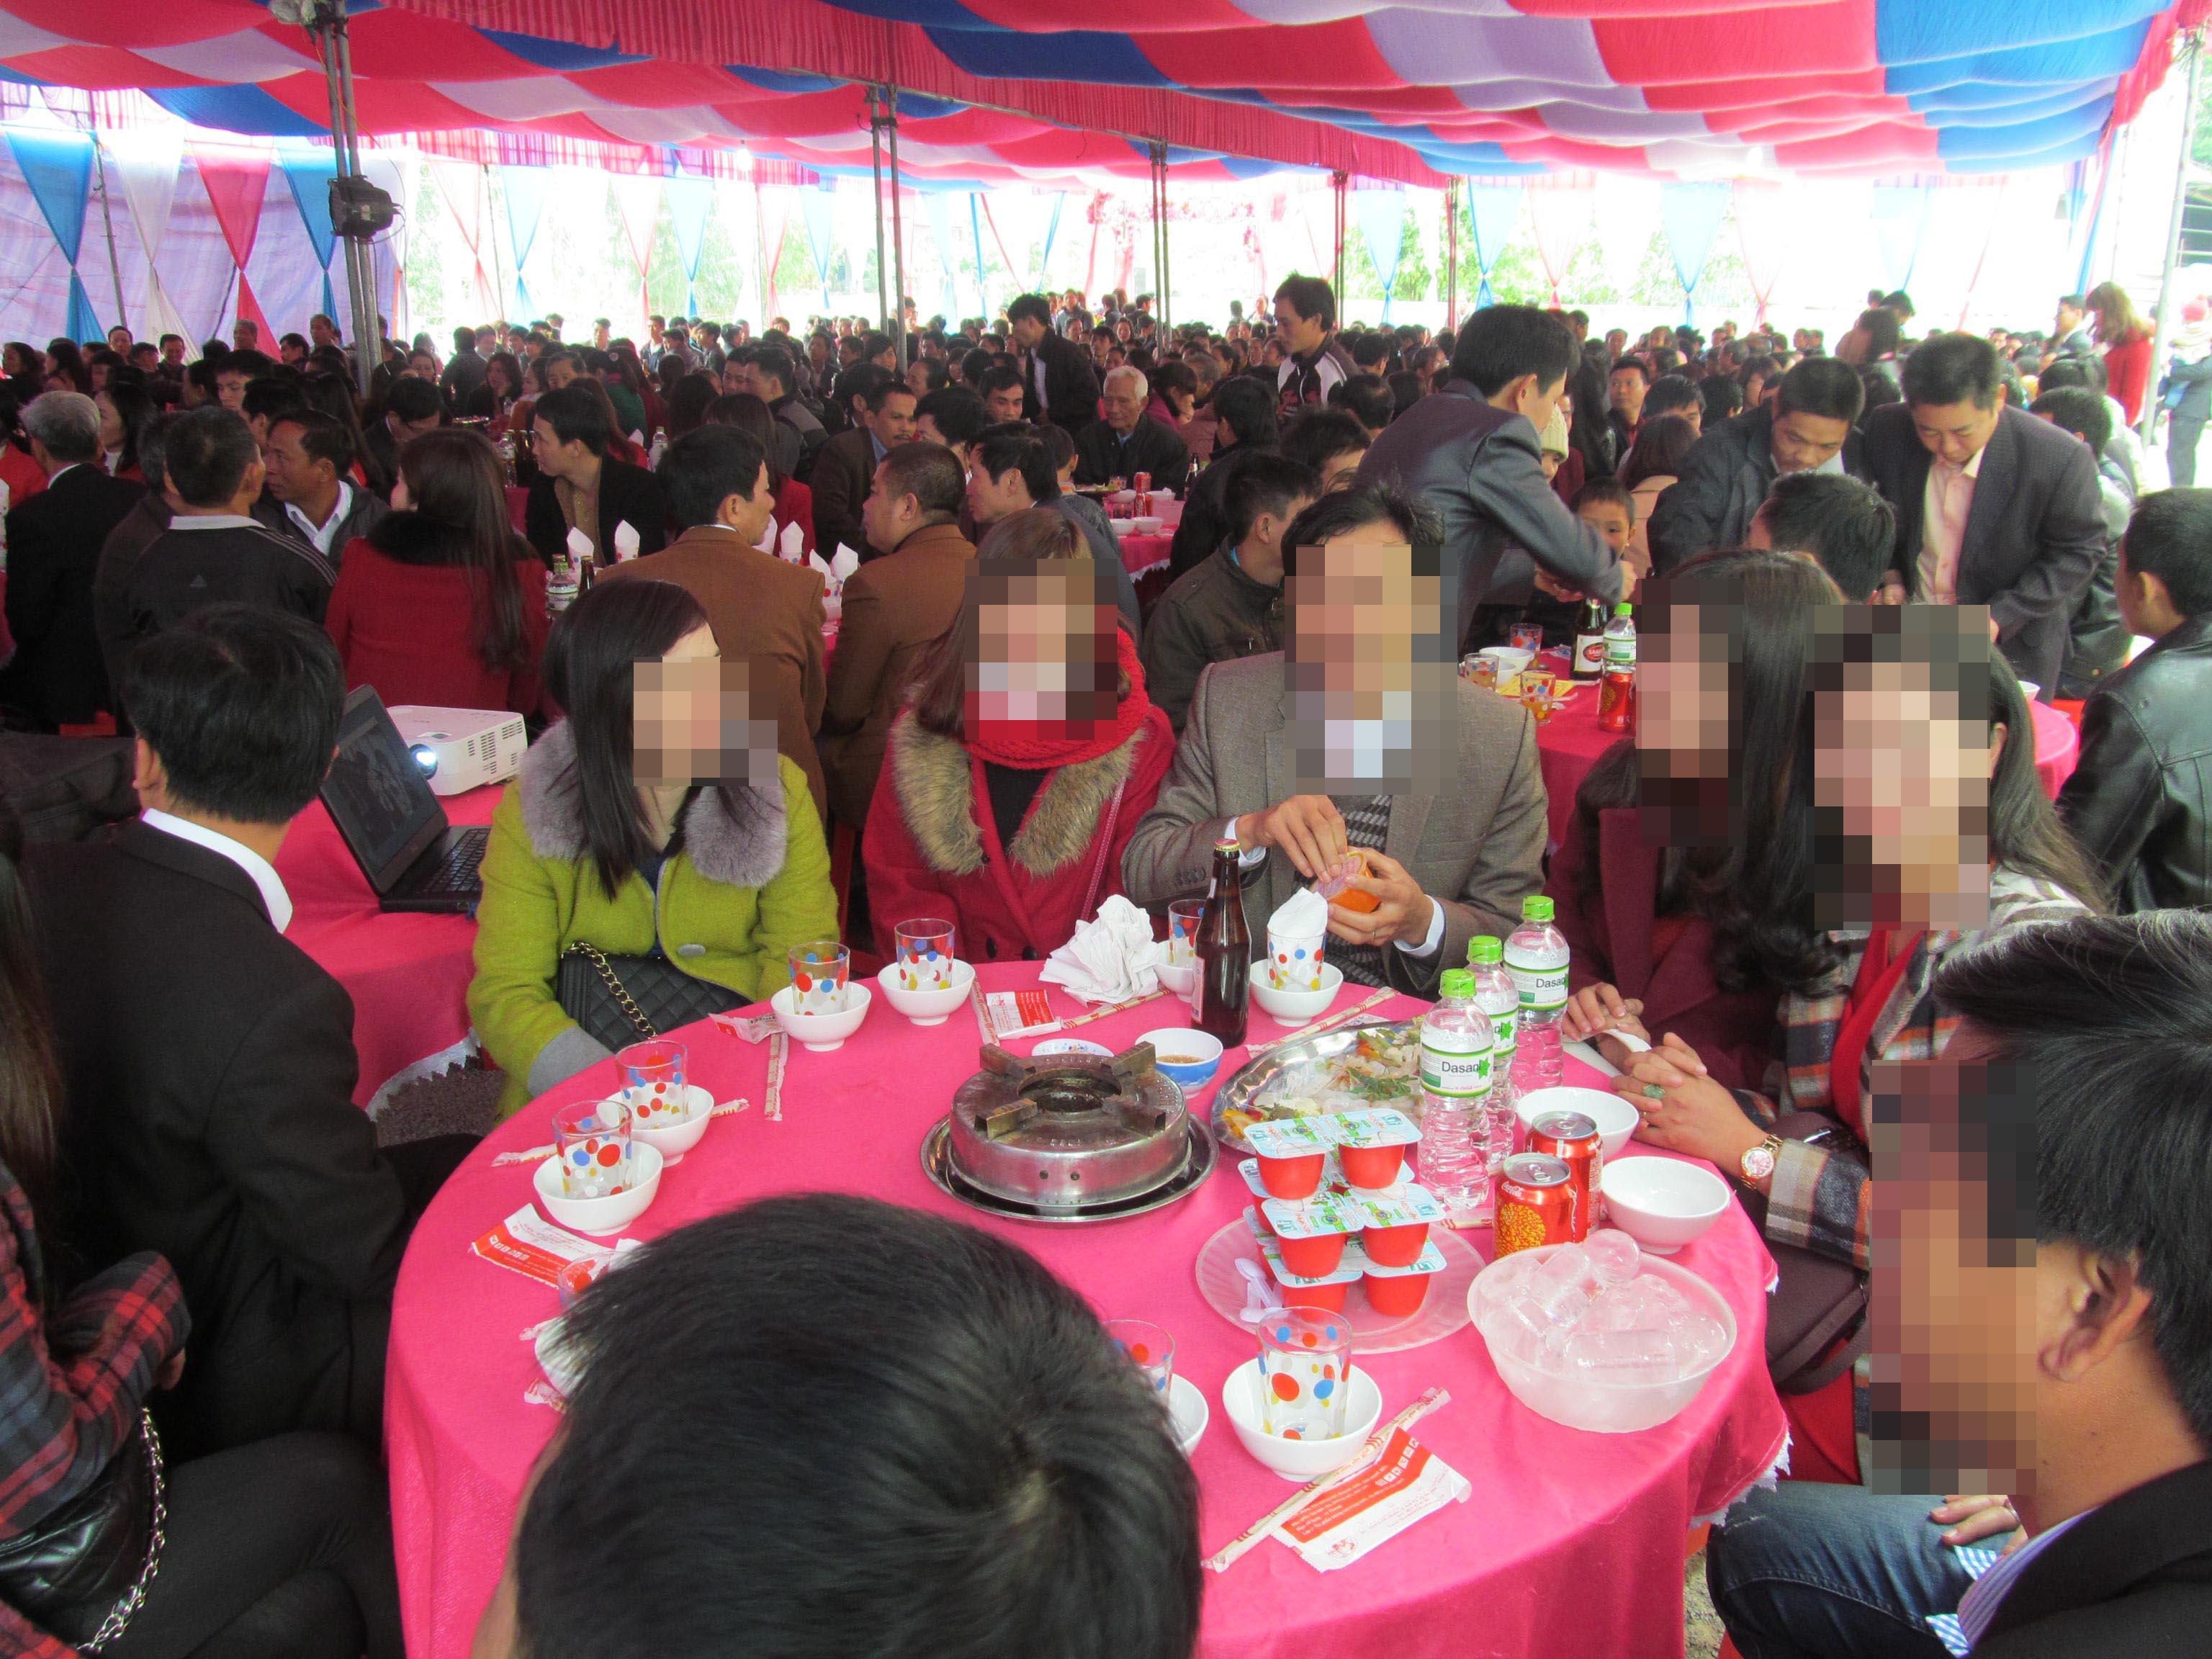 Ca nhiễm virus Vũ Hán thứ 61 Làm chủ hôn đám cưới, 2 lần dự thánh lễ trước khi nhập viện 4